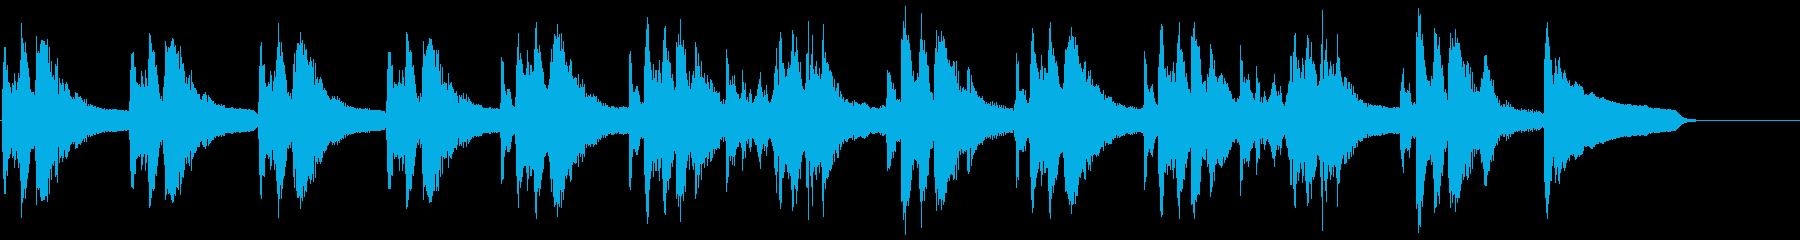 動画広告 30秒 ピッチカート 知的の再生済みの波形